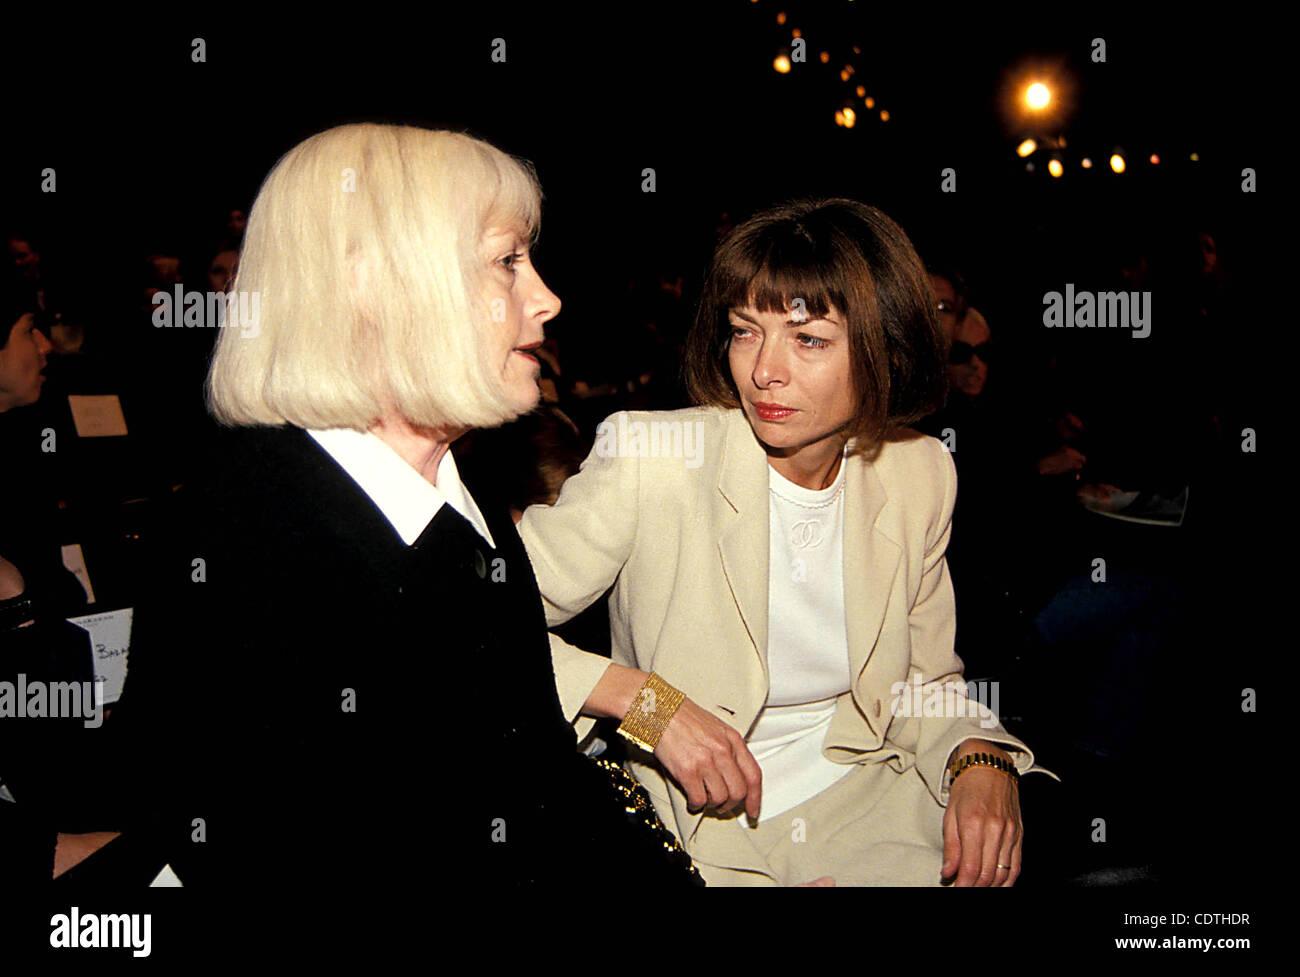 photo The Legend of Liz Tilberis —One of Bazaar's Best